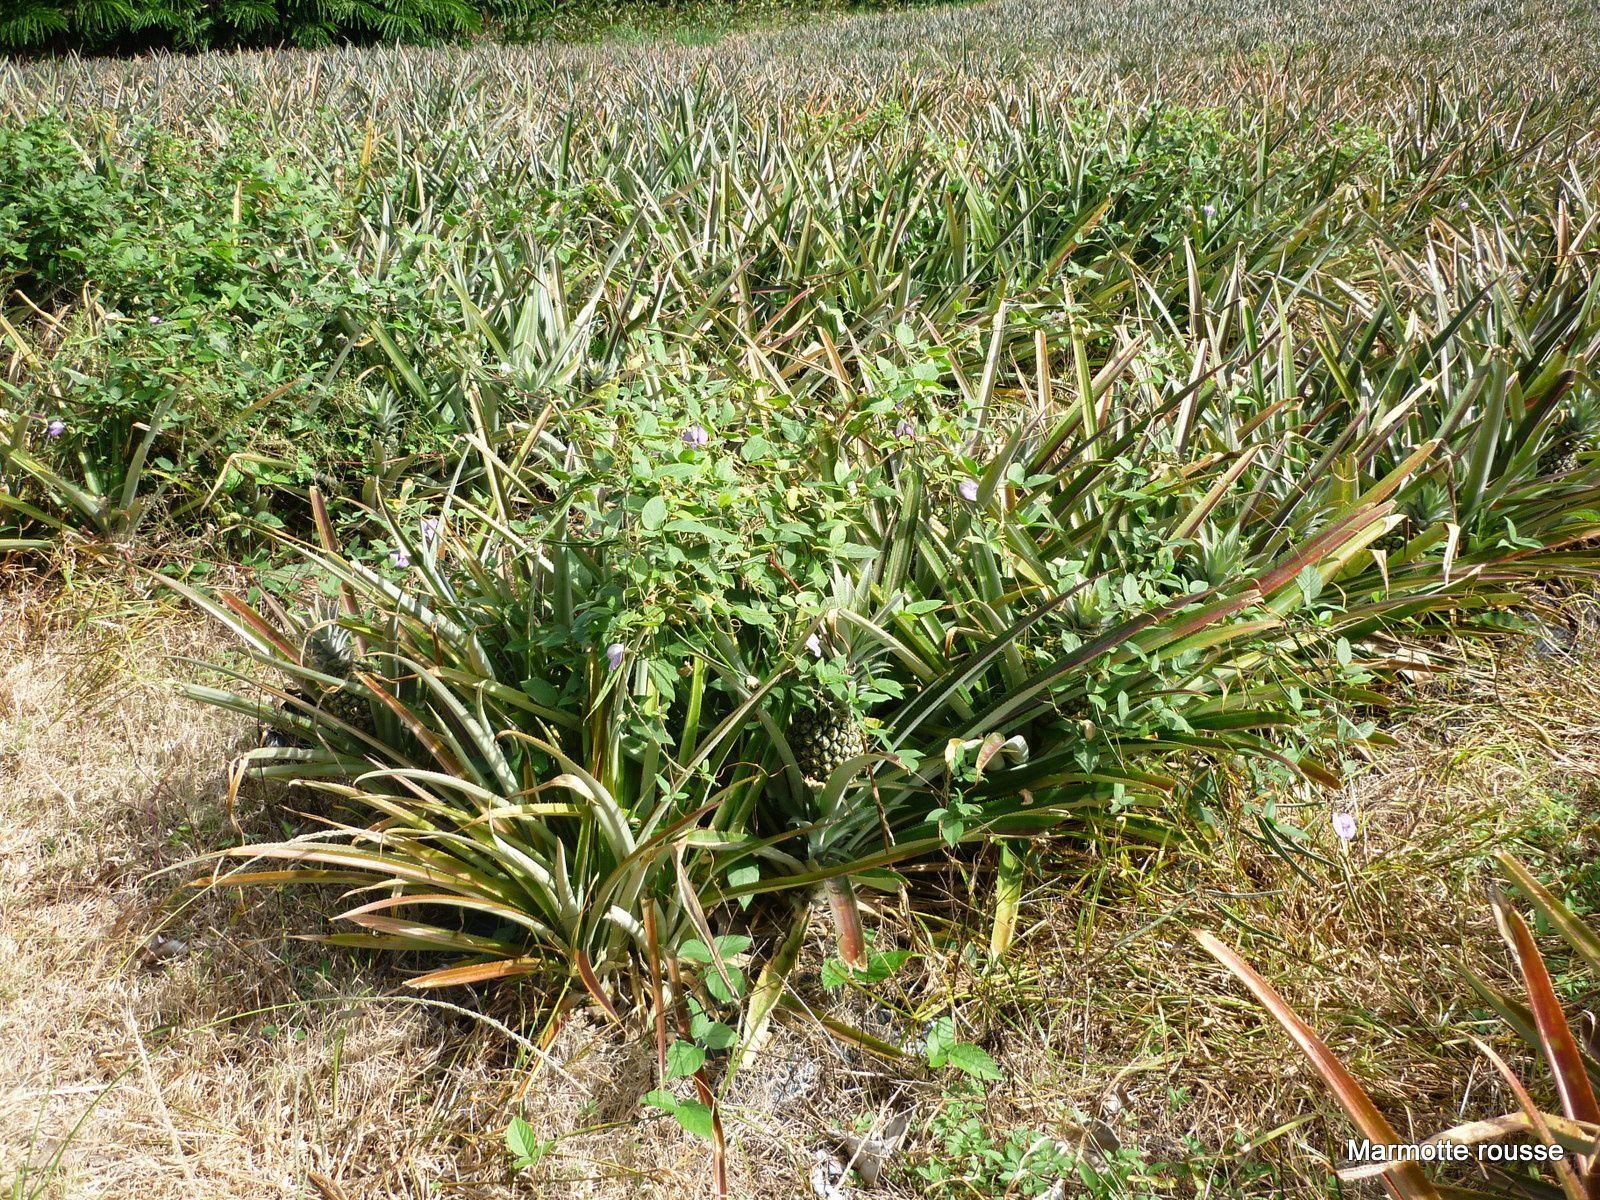 Marmotte découvre les plantes tropicales